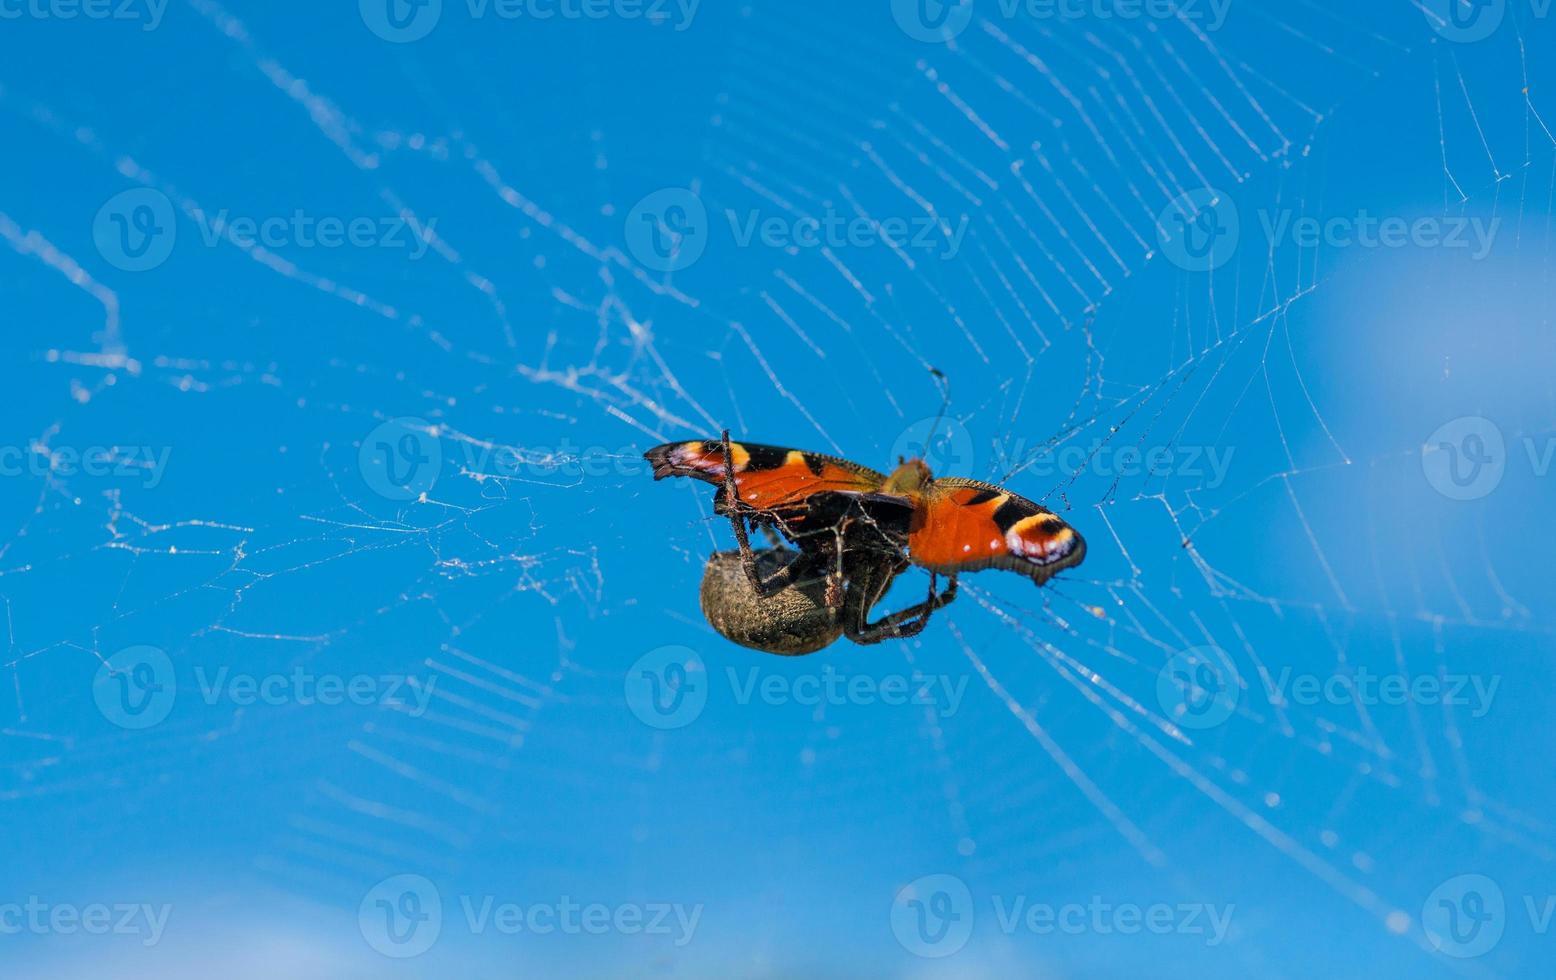 araña comiendo a su presa. foto